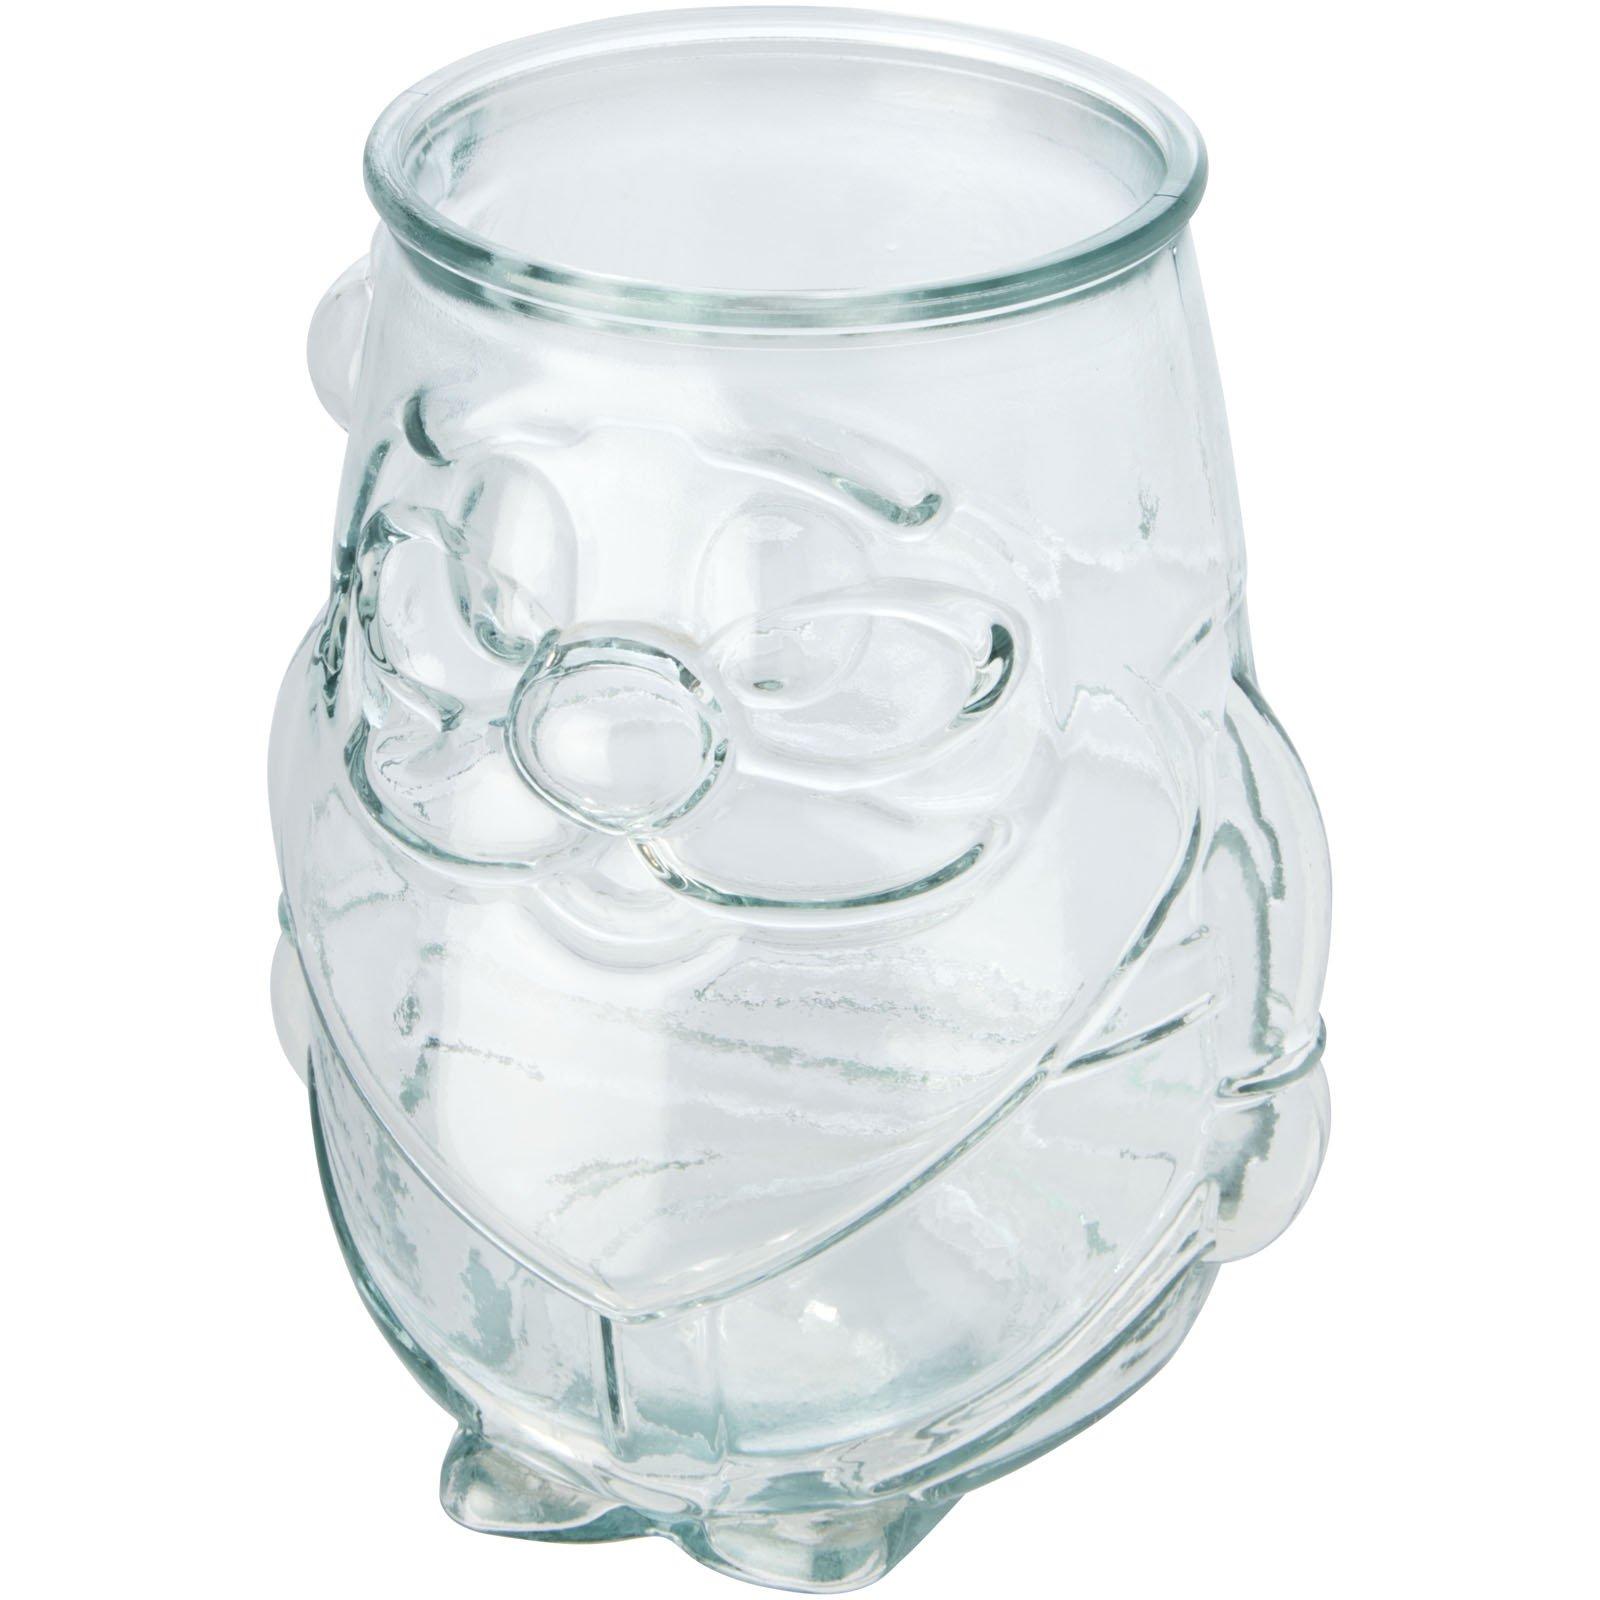 Authentic Nouel theelichthouder van gerecycleerd glas